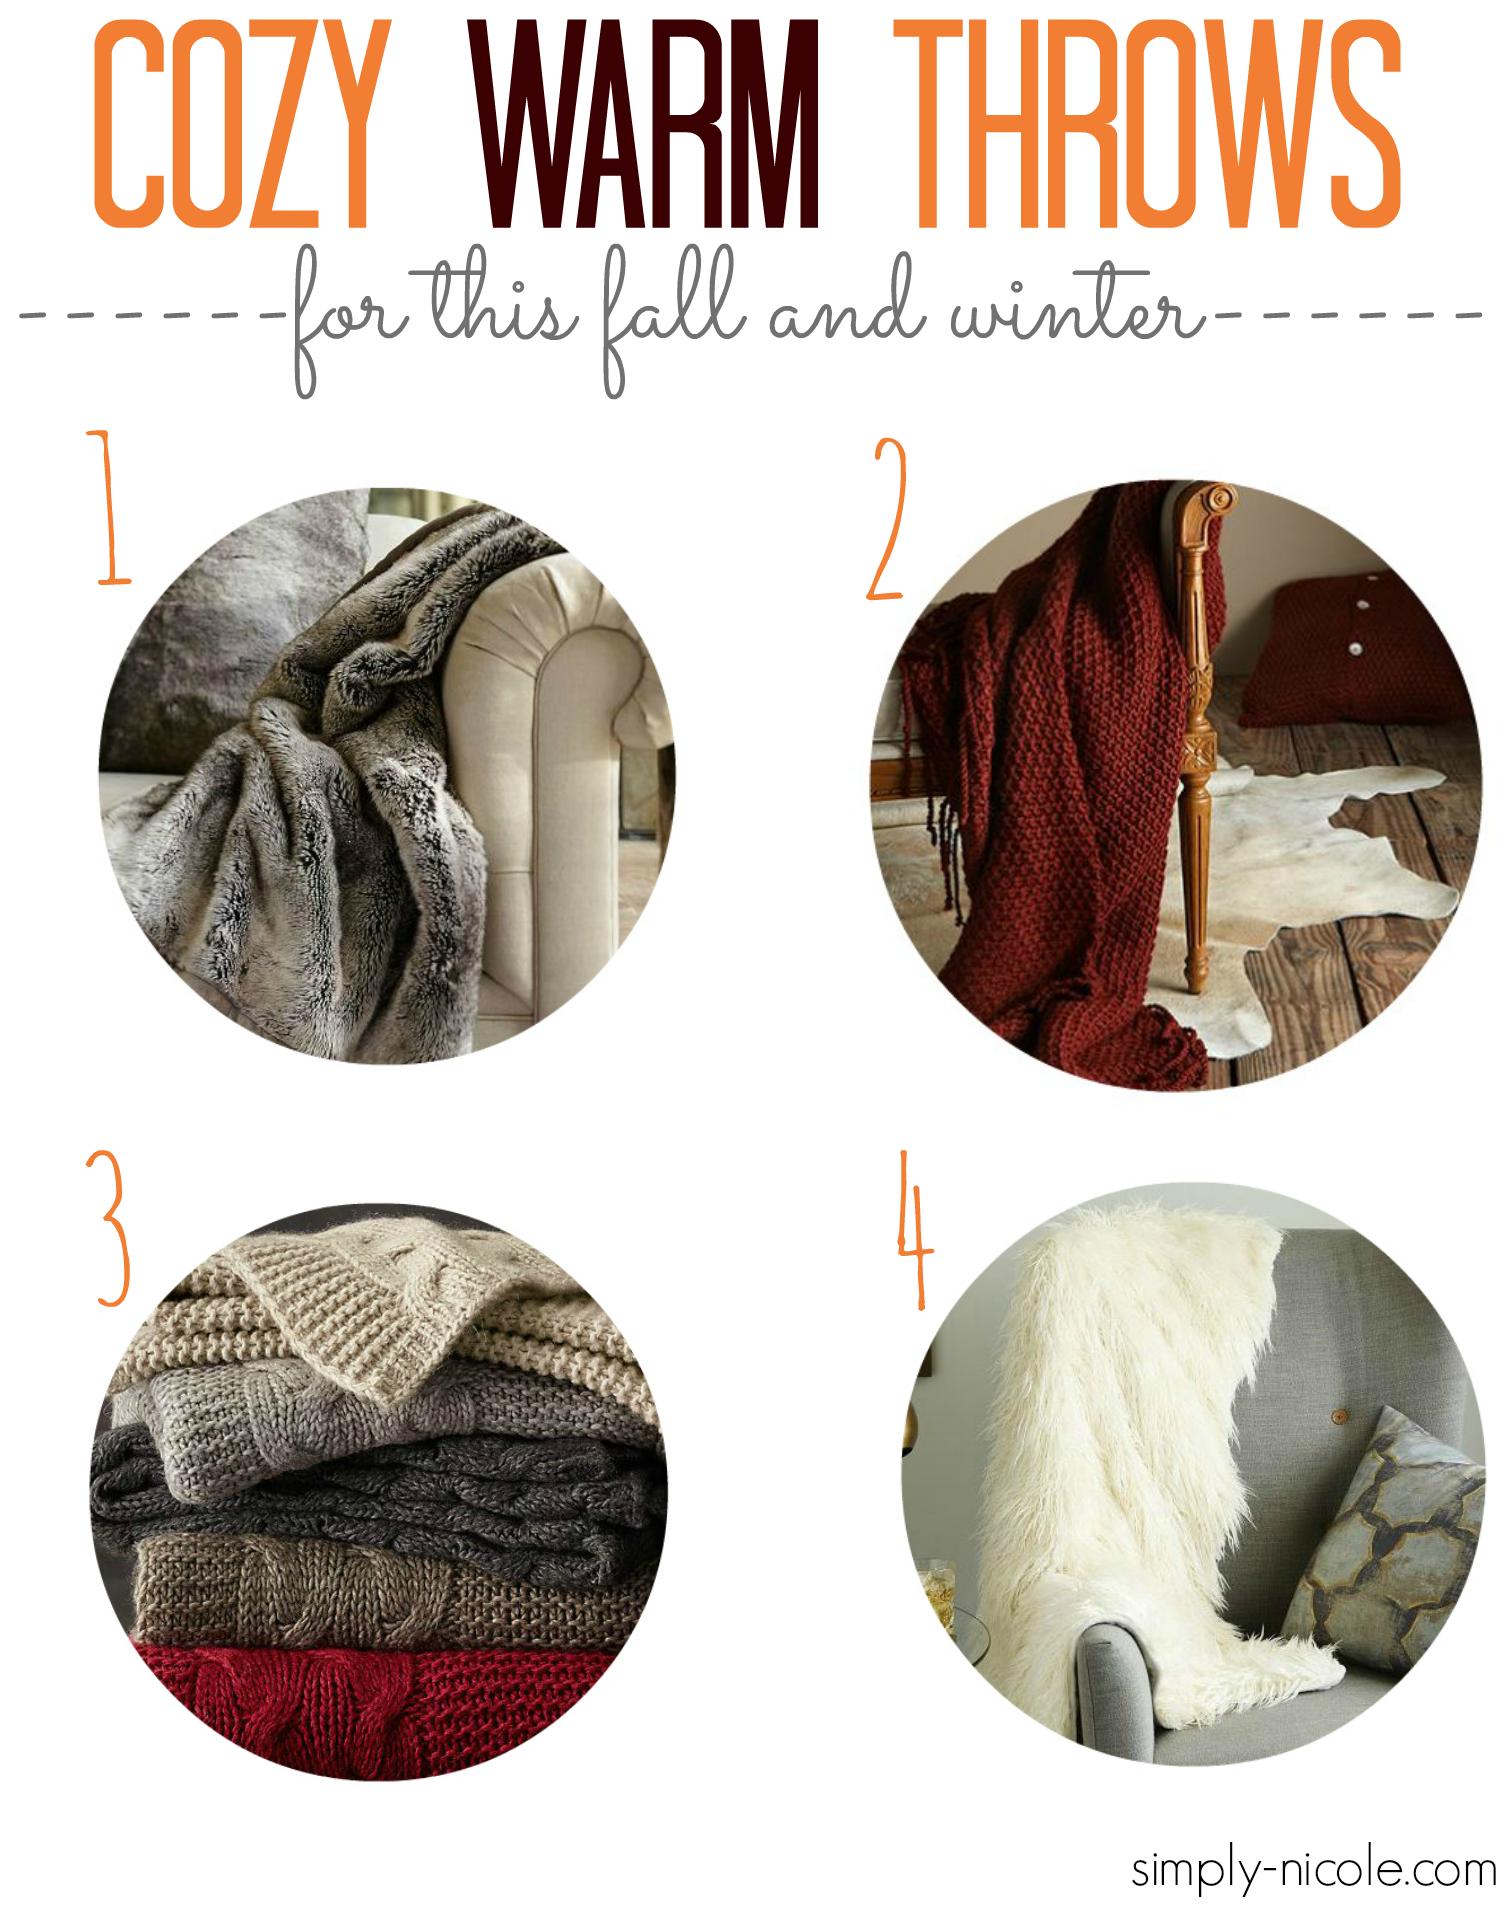 Cozy Warm Throws at Simply-nicole.com